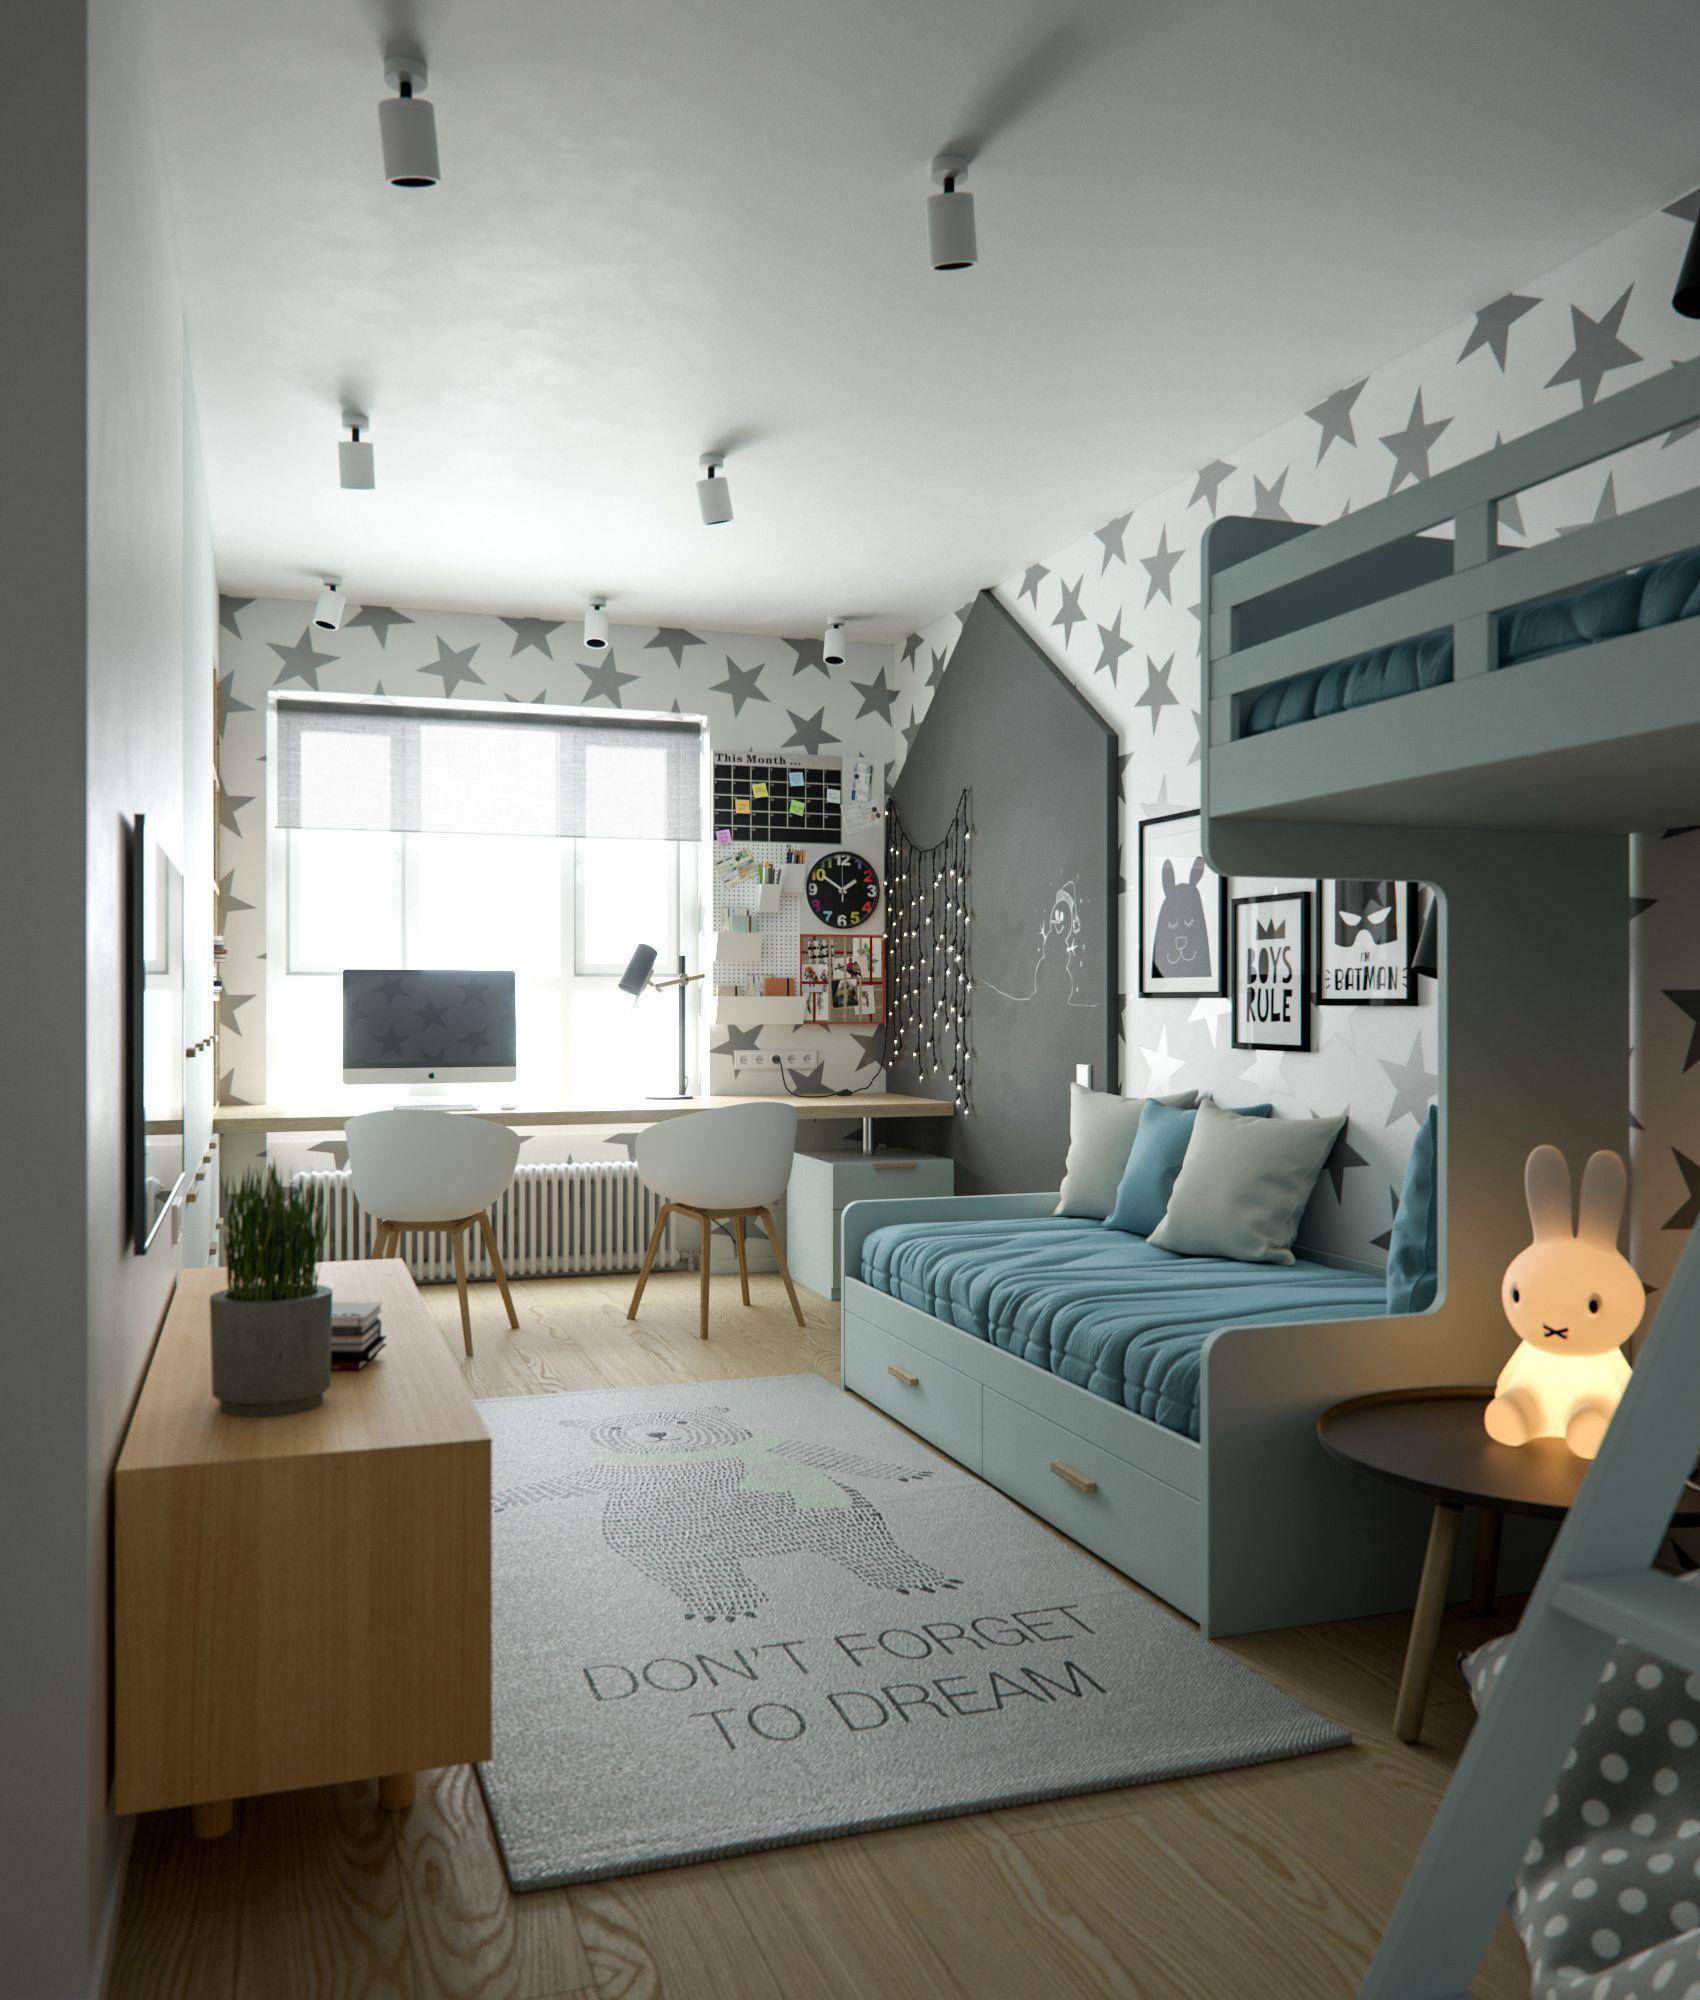 Project all white studio apartment perianth interior design new - Room